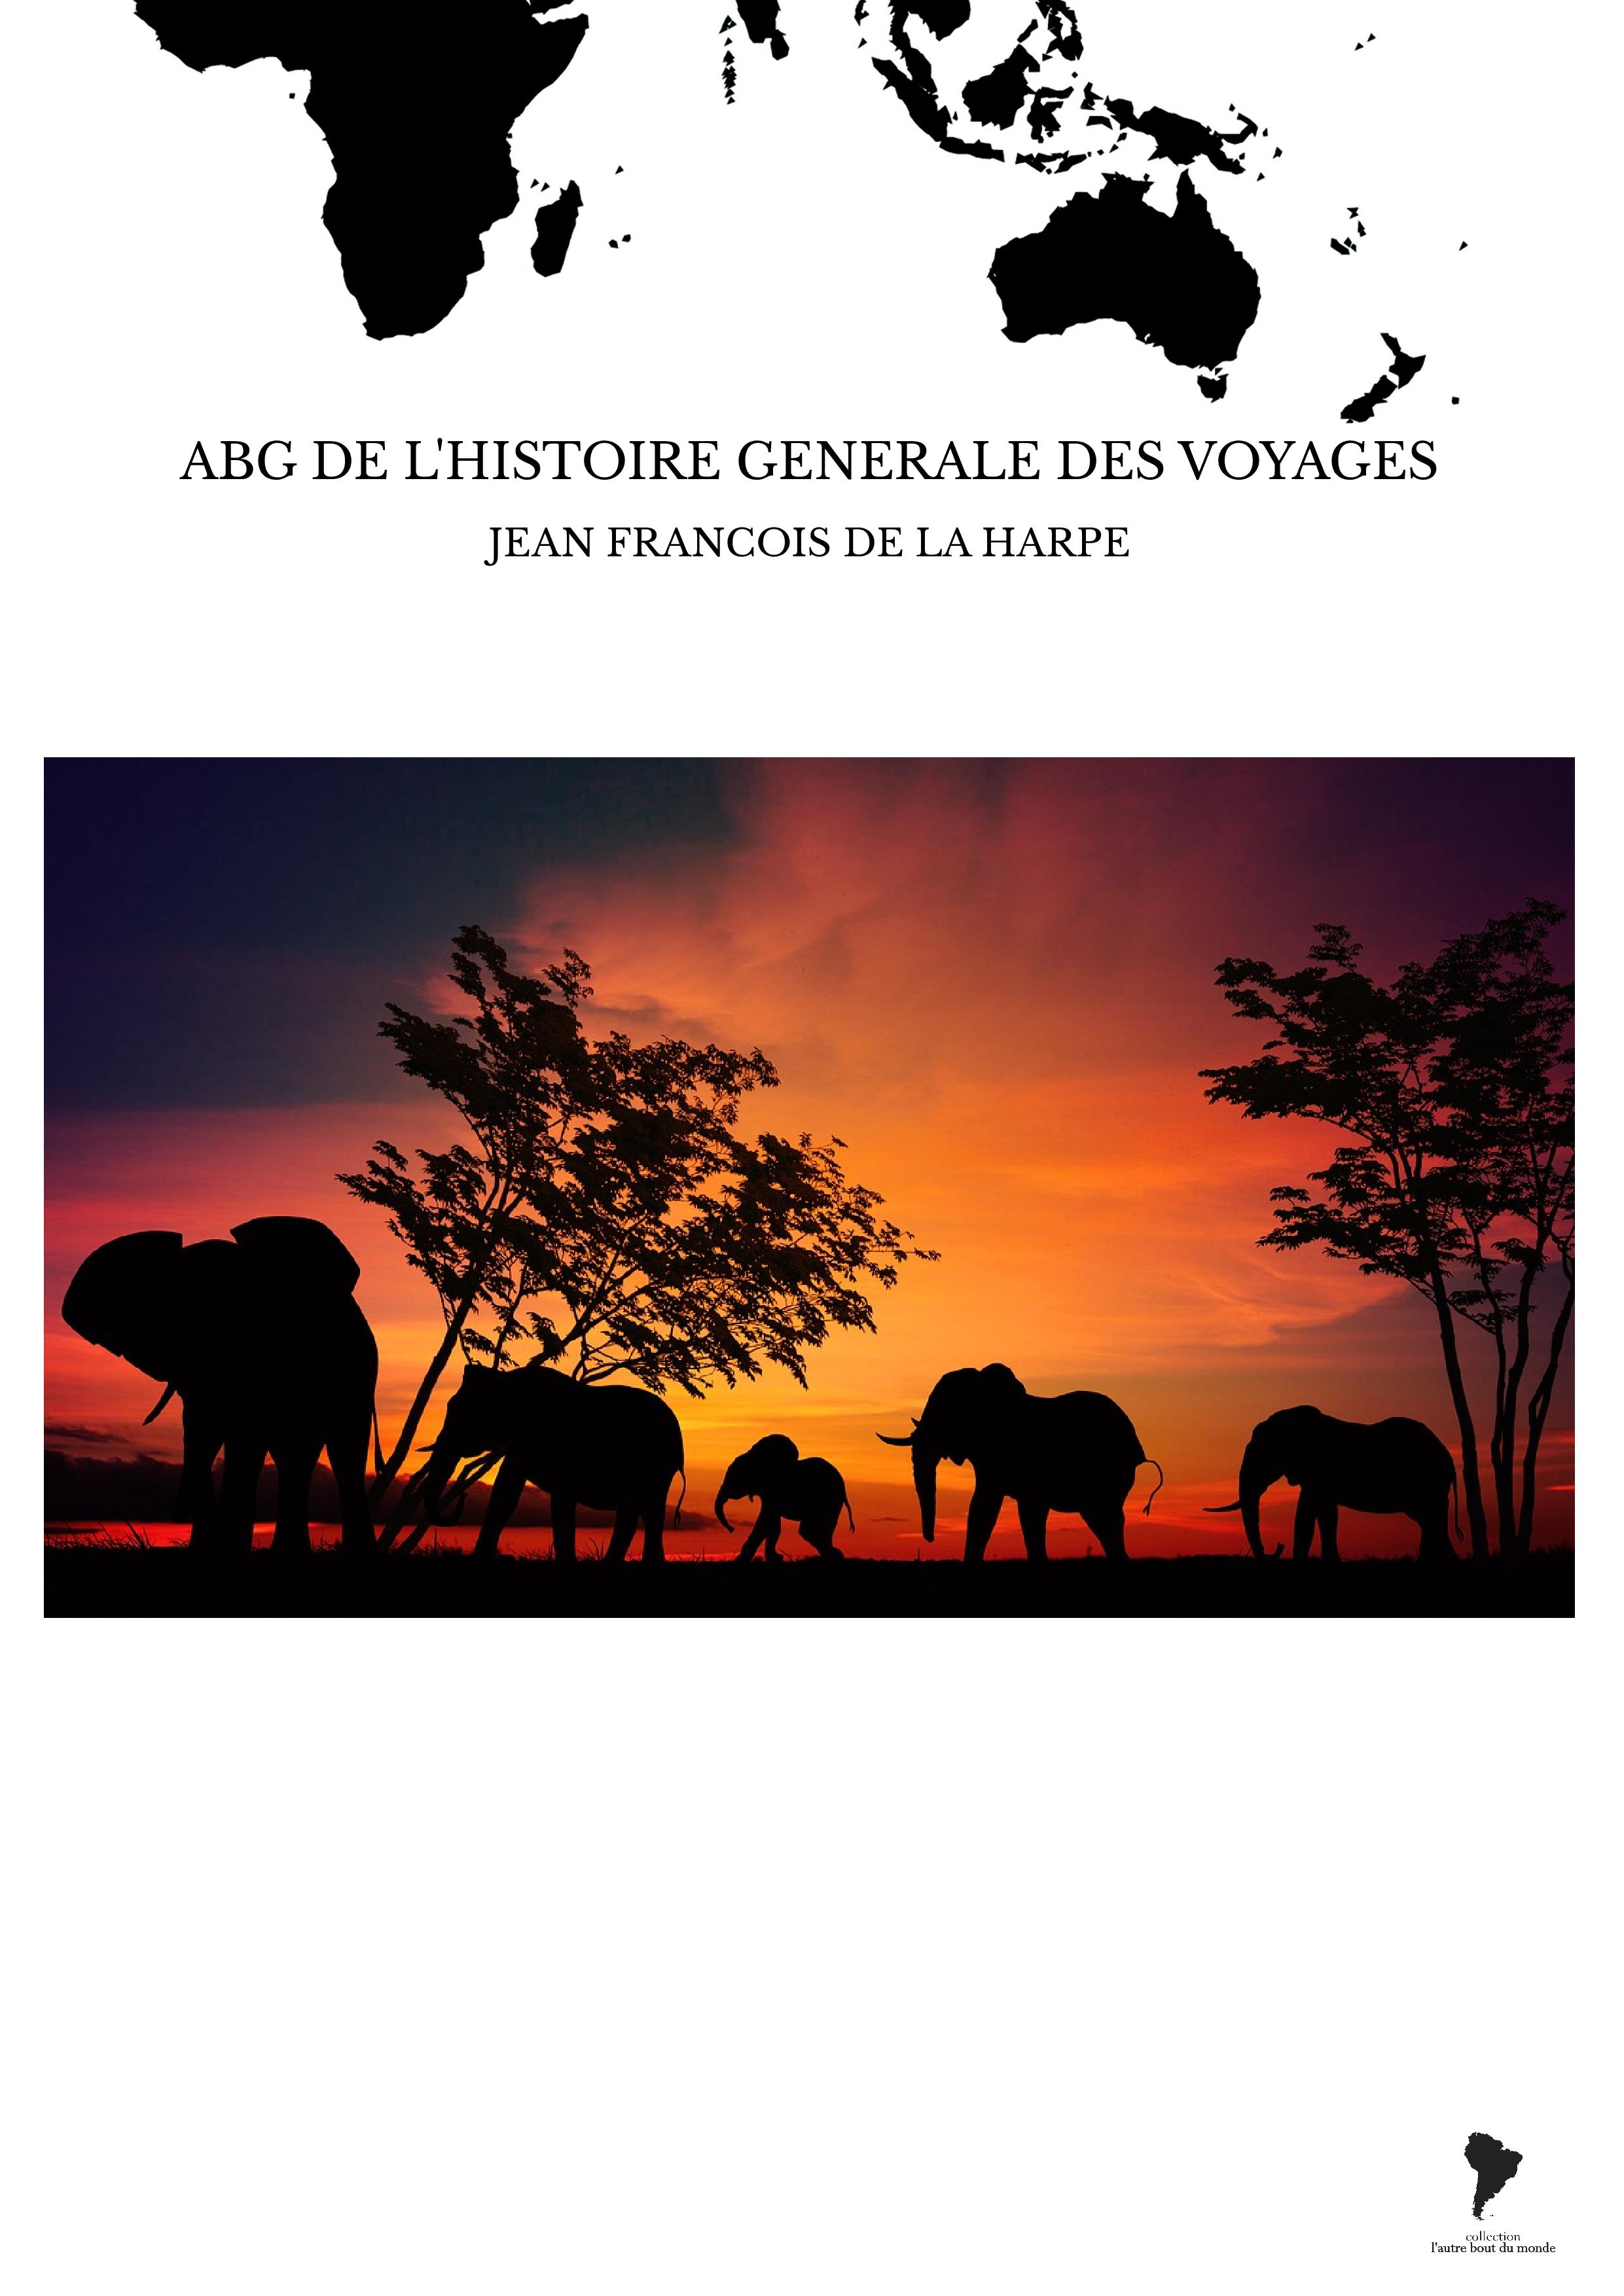 ABG DE L'HISTOIRE GENERALE DES VOYAGES